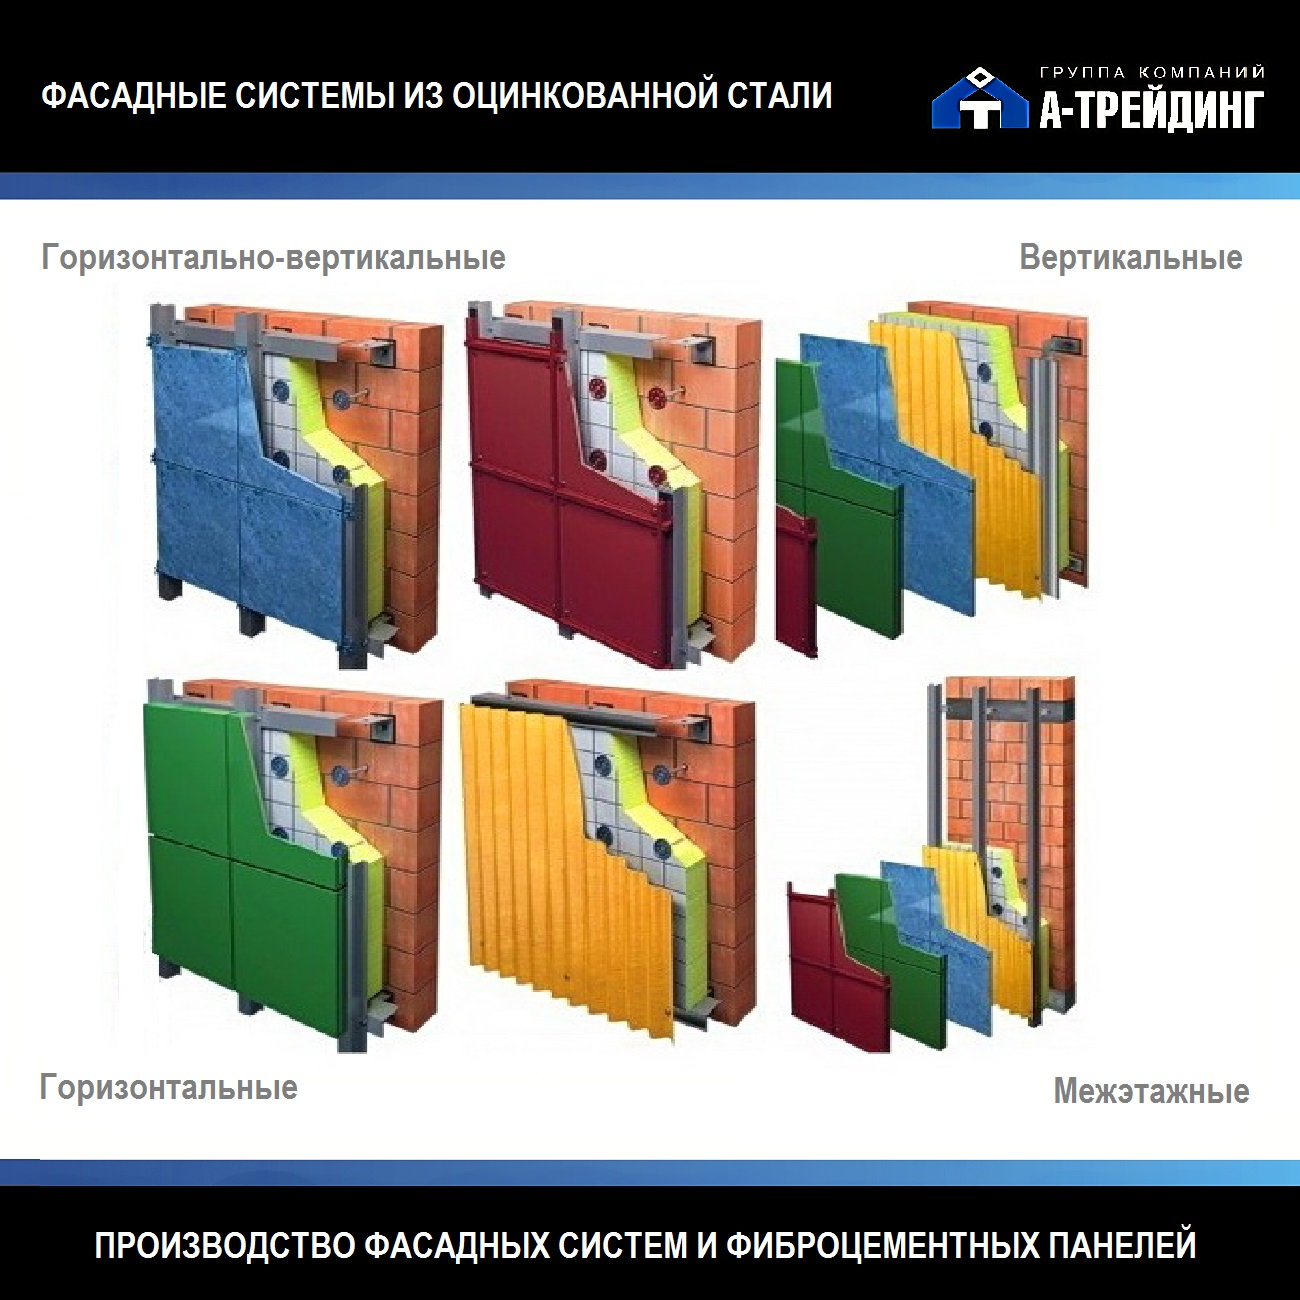 Фасадные системы от производителя